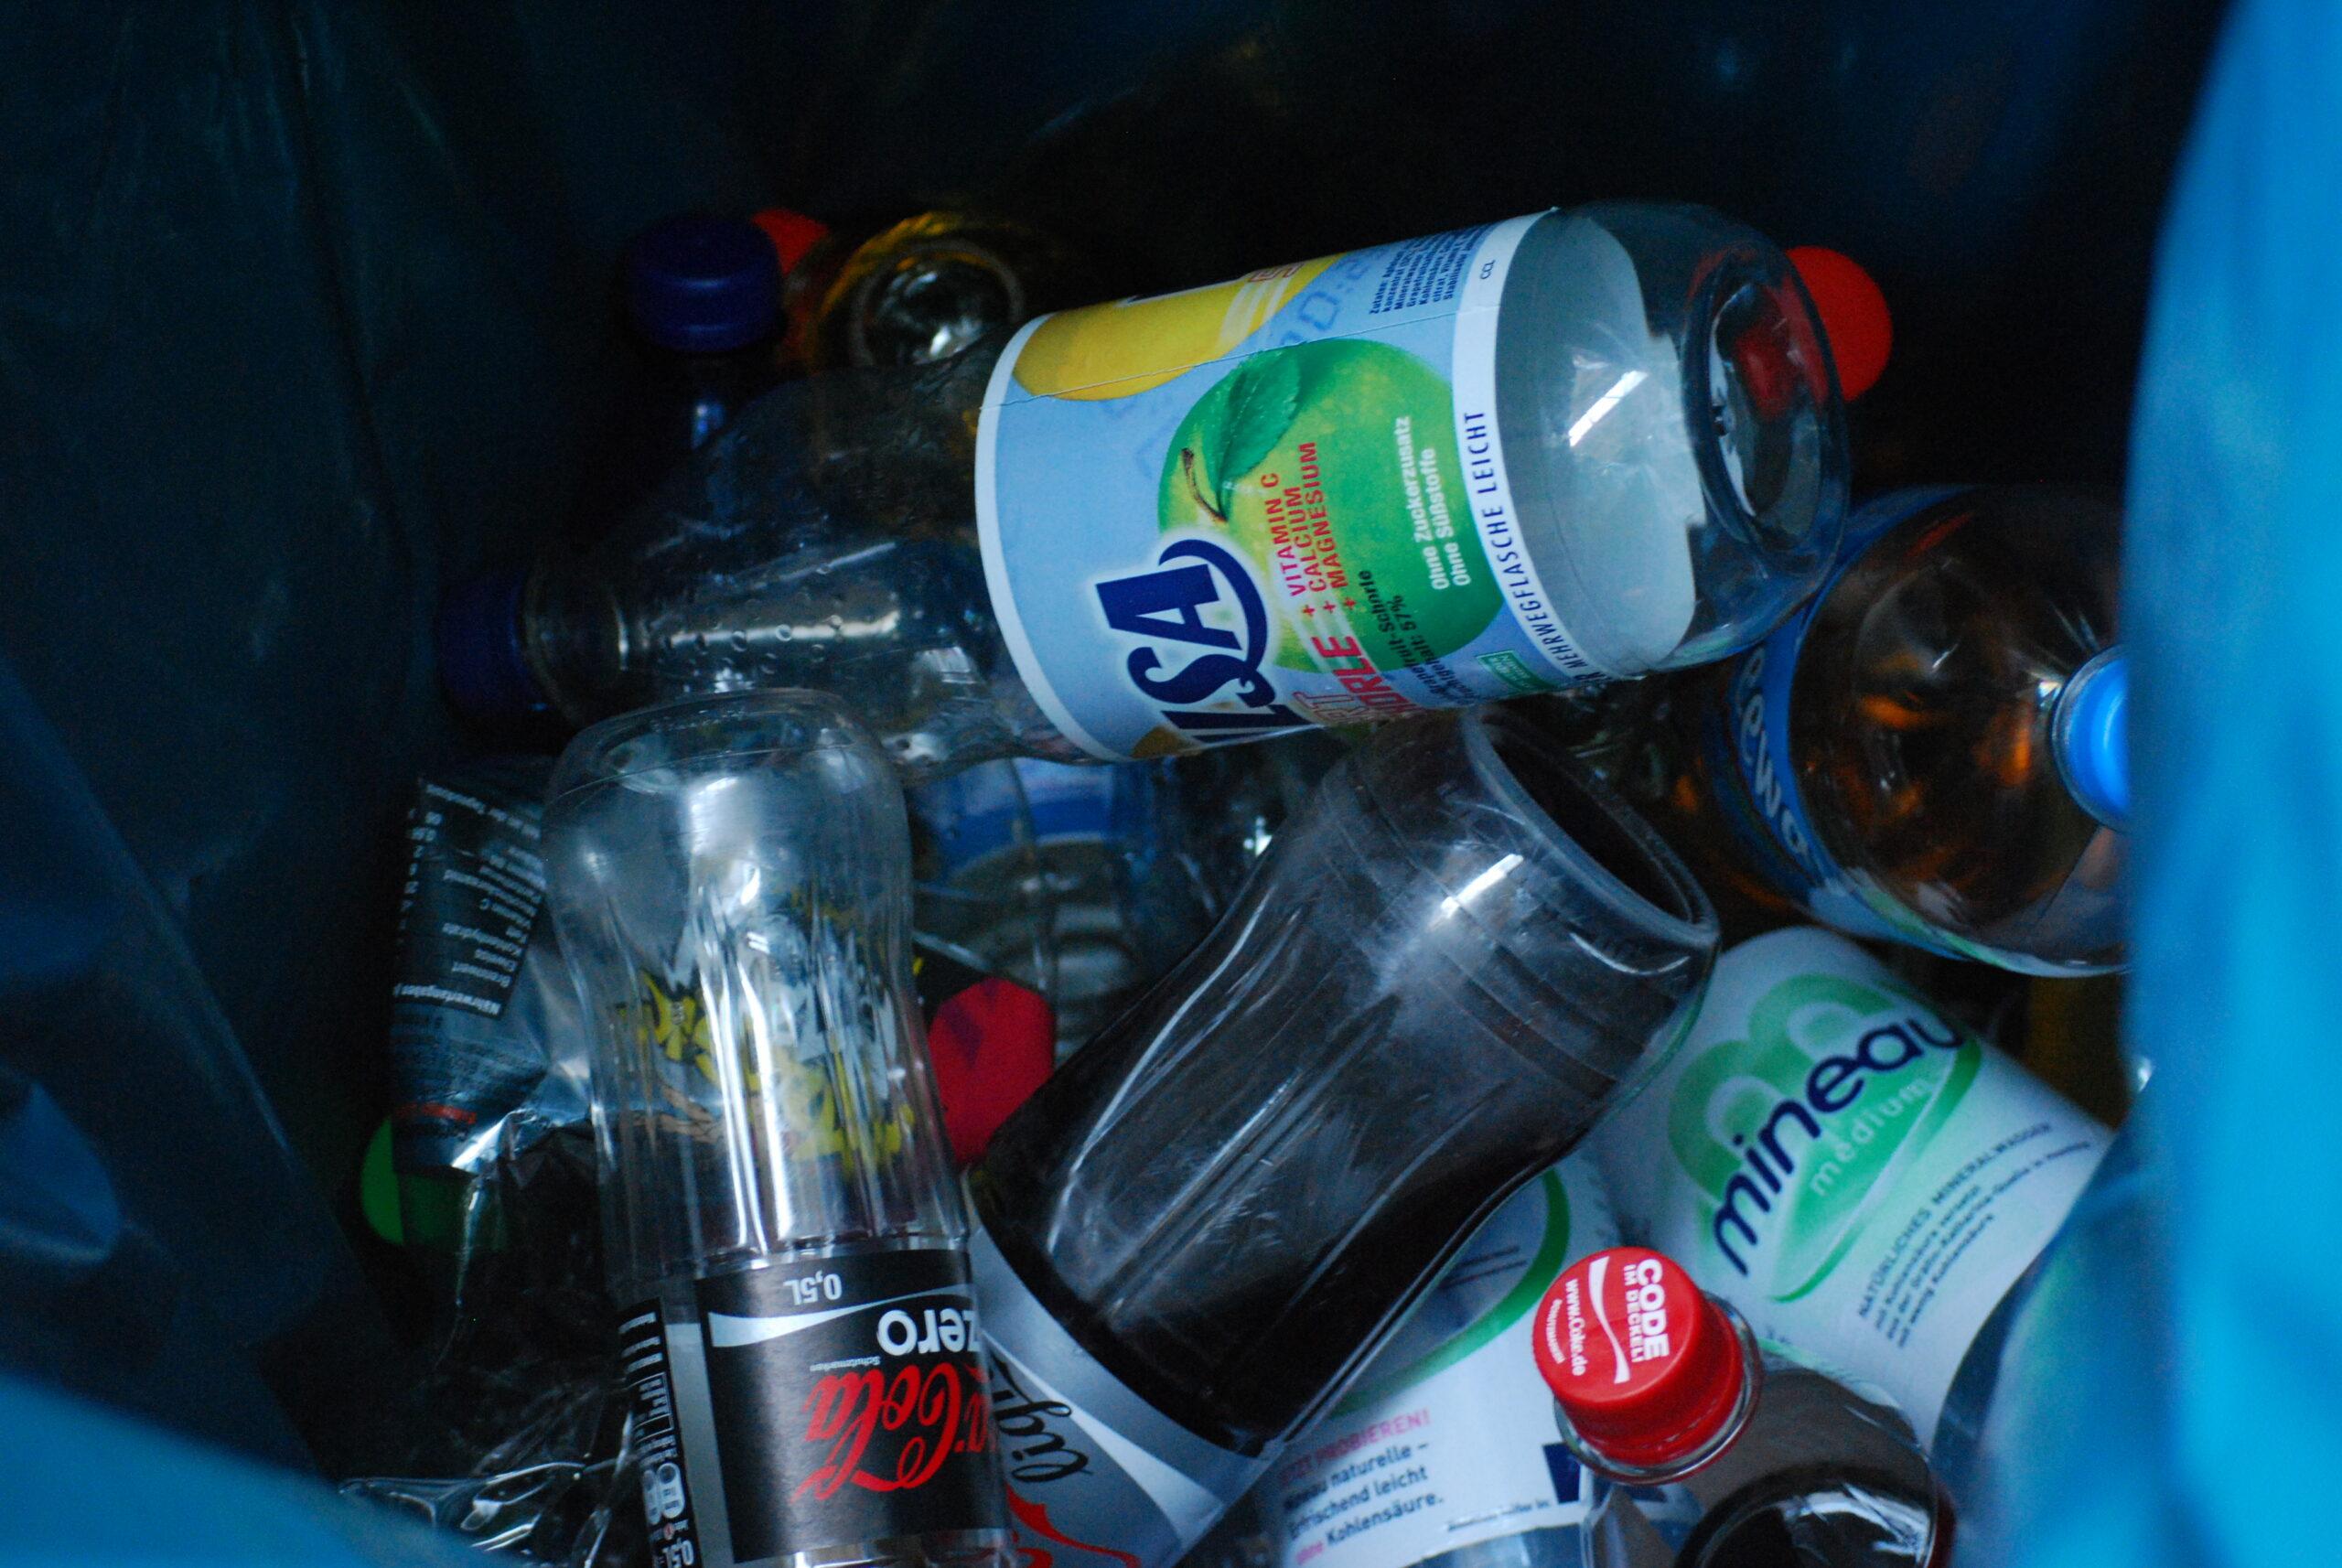 Full Size of Das Grne Punkt Mllsystem Wird 20 Gehet Hin Und Verkndet Die Müllsystem Küche Wohnzimmer Müllsystem